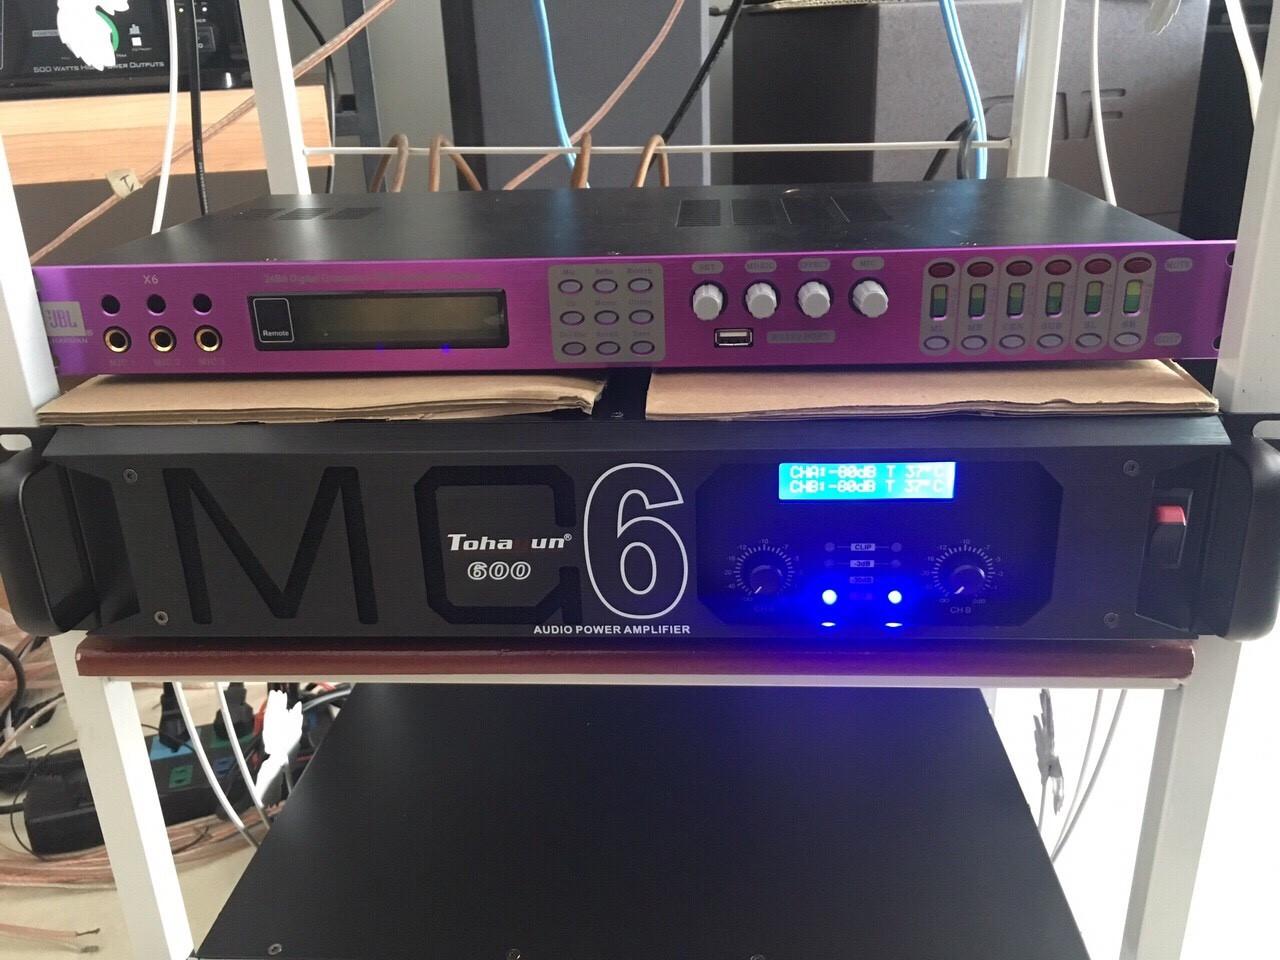 Cục đẩy MC 600 được Lạc Việt audio lắp vào hệ thống âm thanh